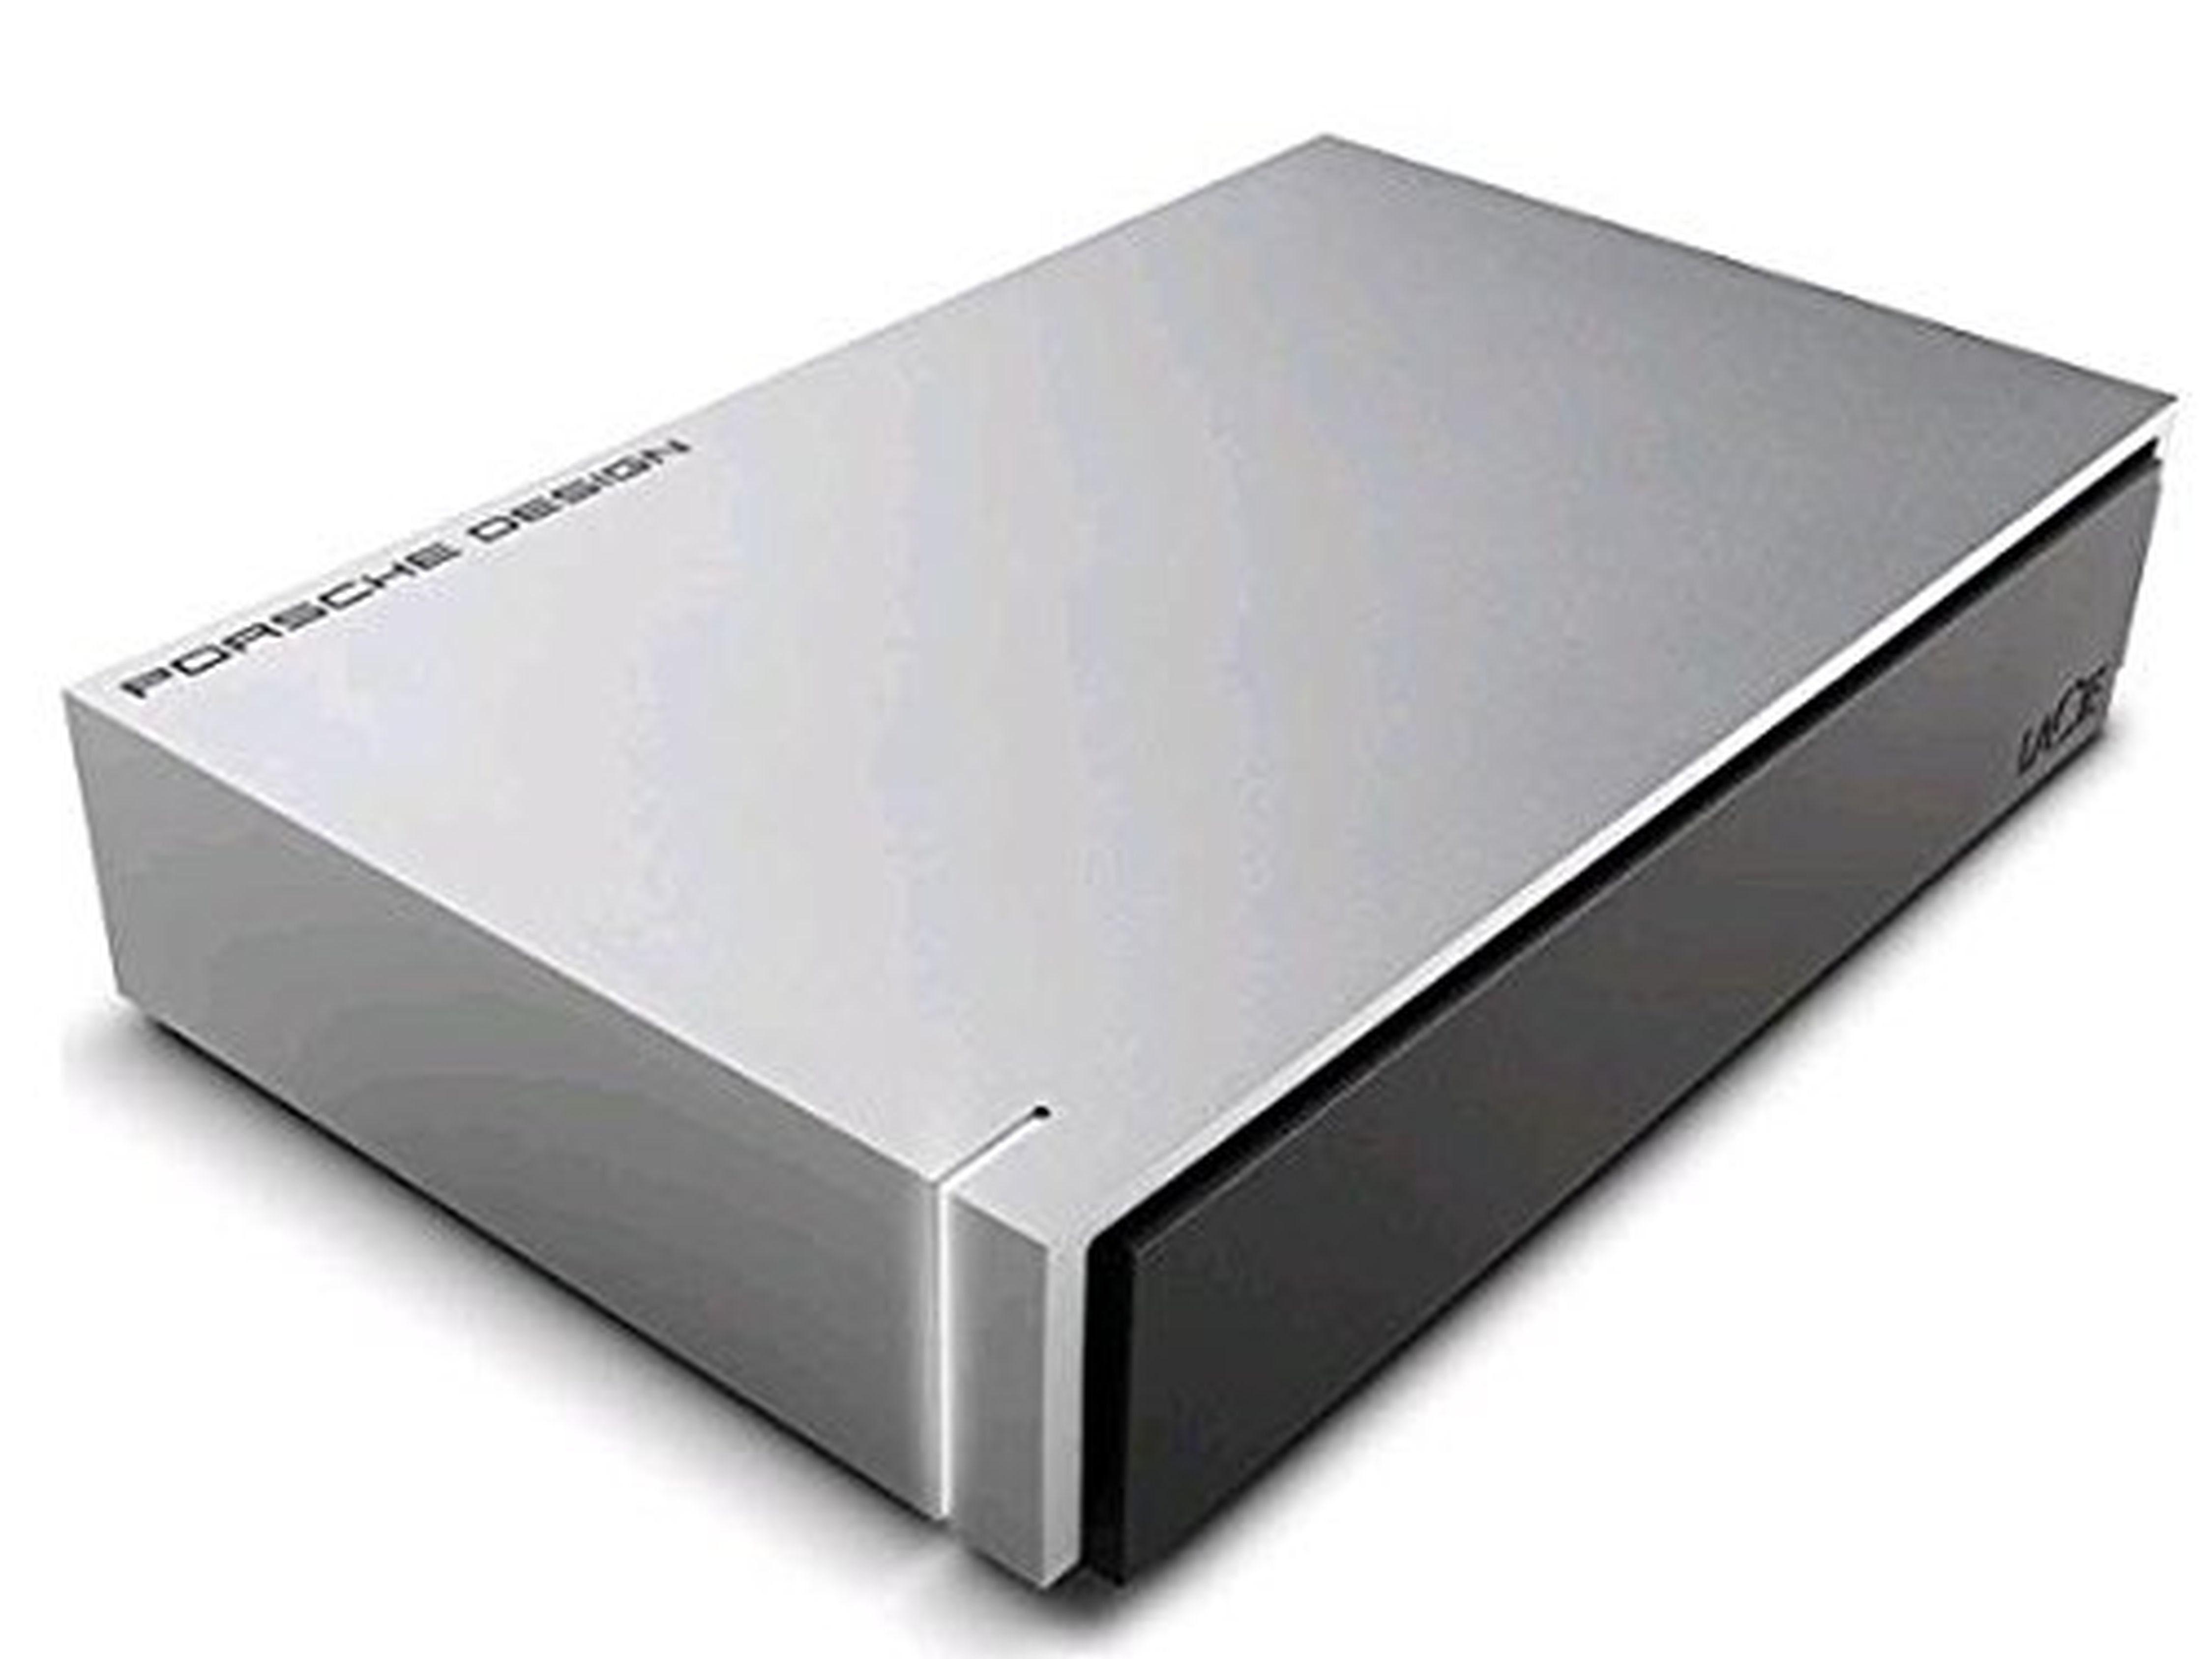 LACIE Porsche Design externe Festplatte »LAC9000604 8 TB«